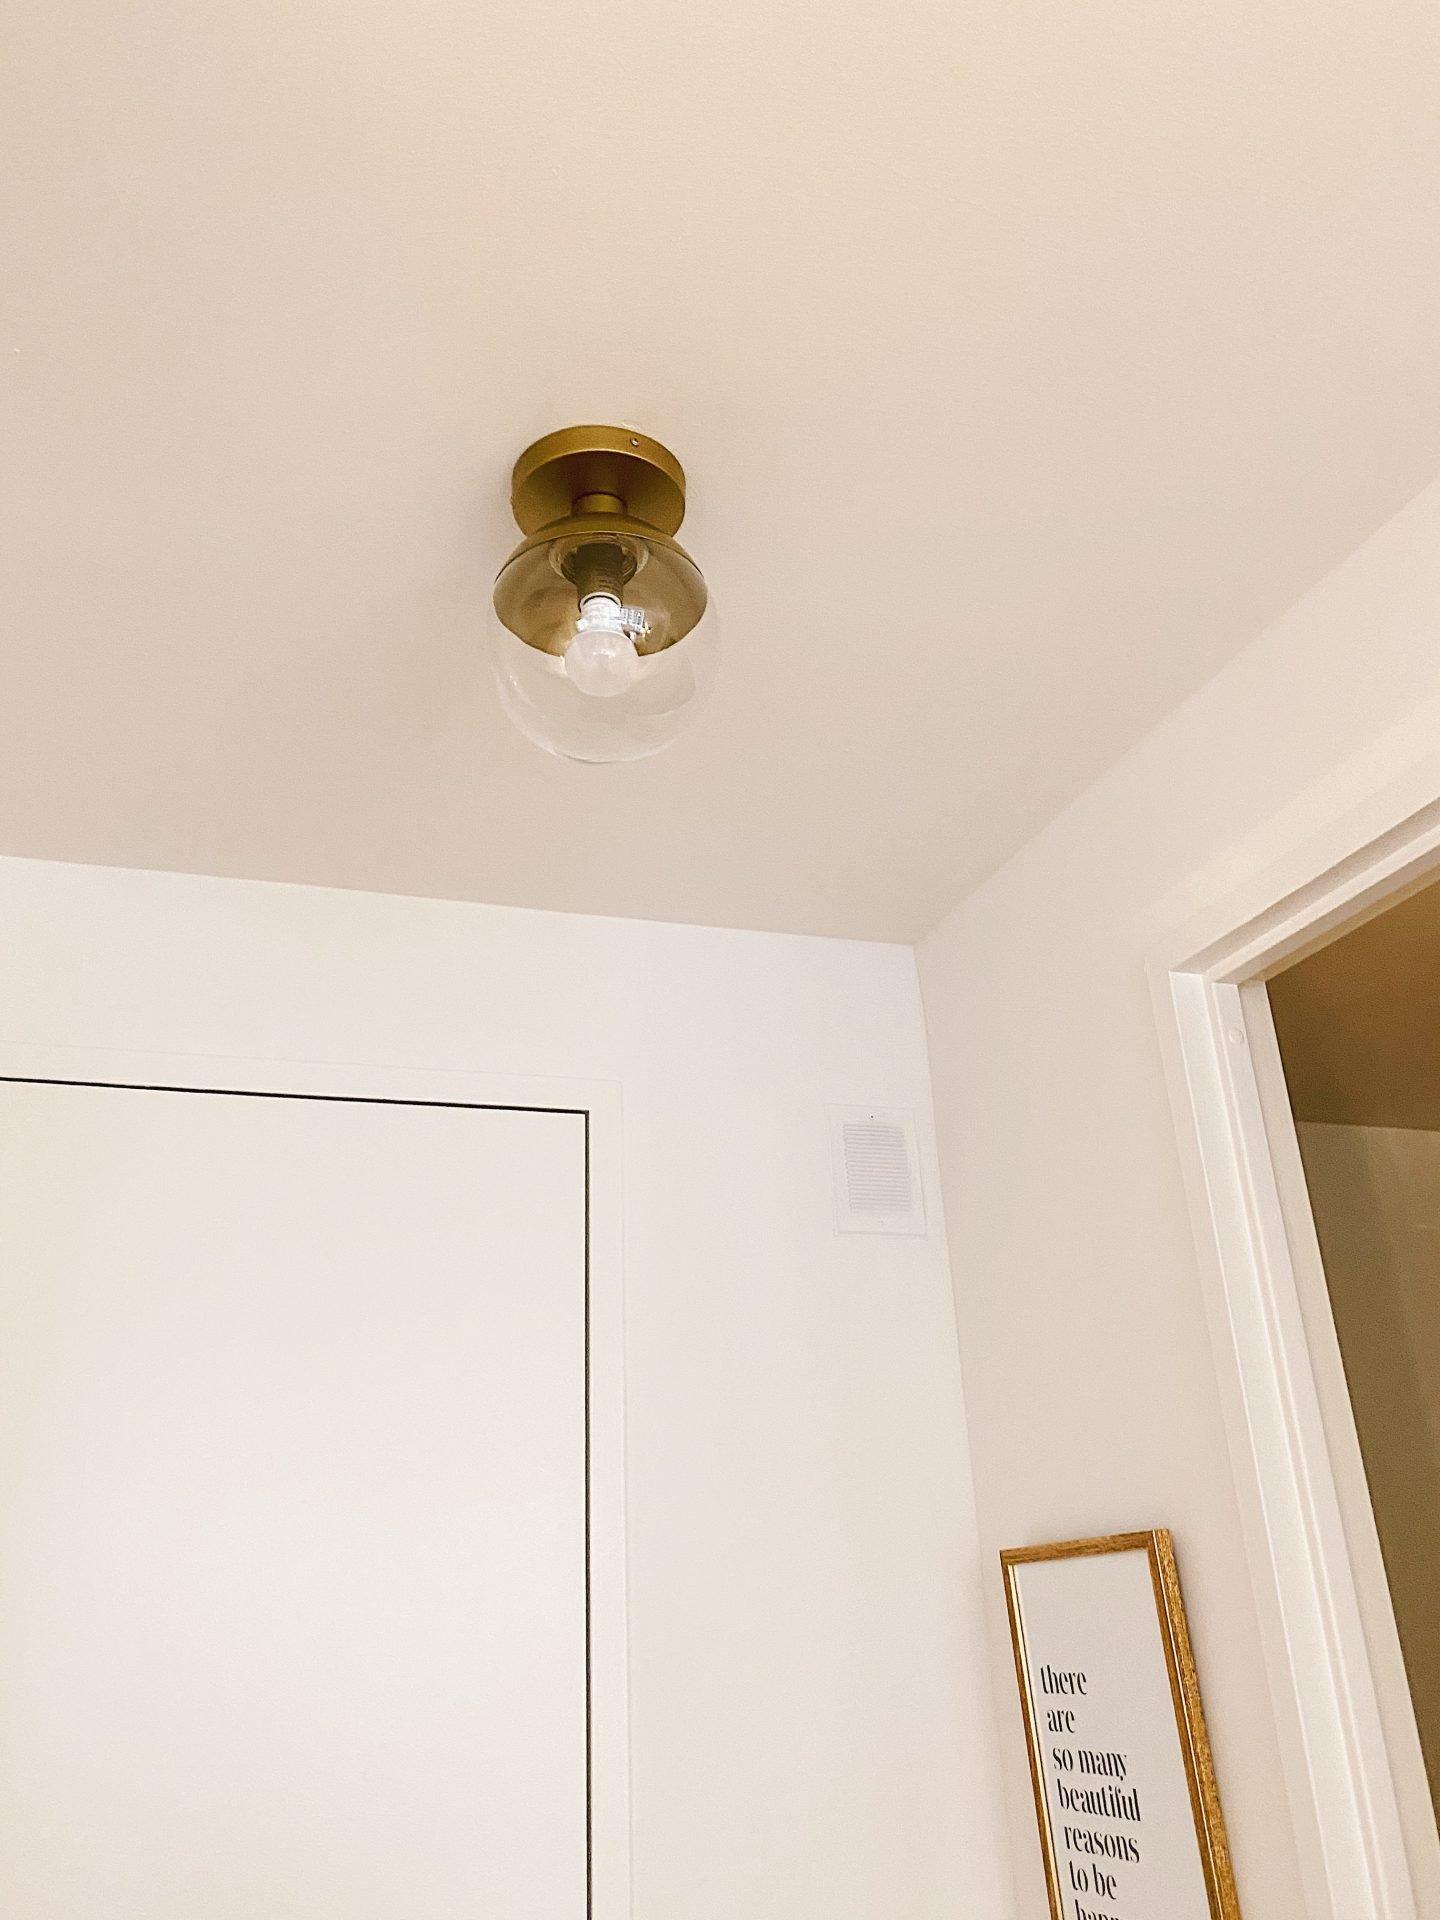 Amazon Prime Home Décor Finds Brass Light Fixture